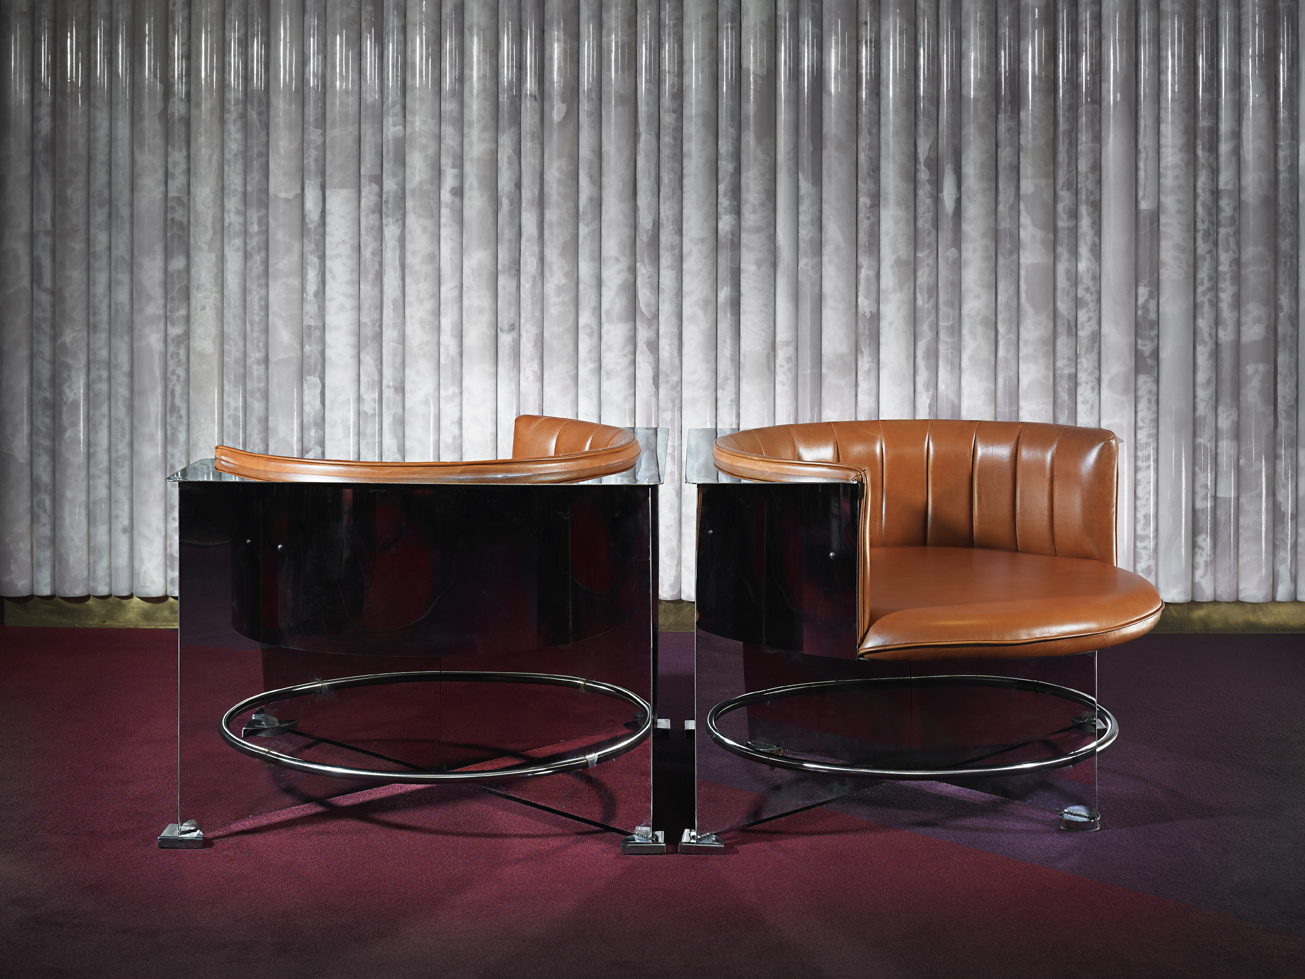 Lounge Chairs - Cloudland 'Rainbow Room'